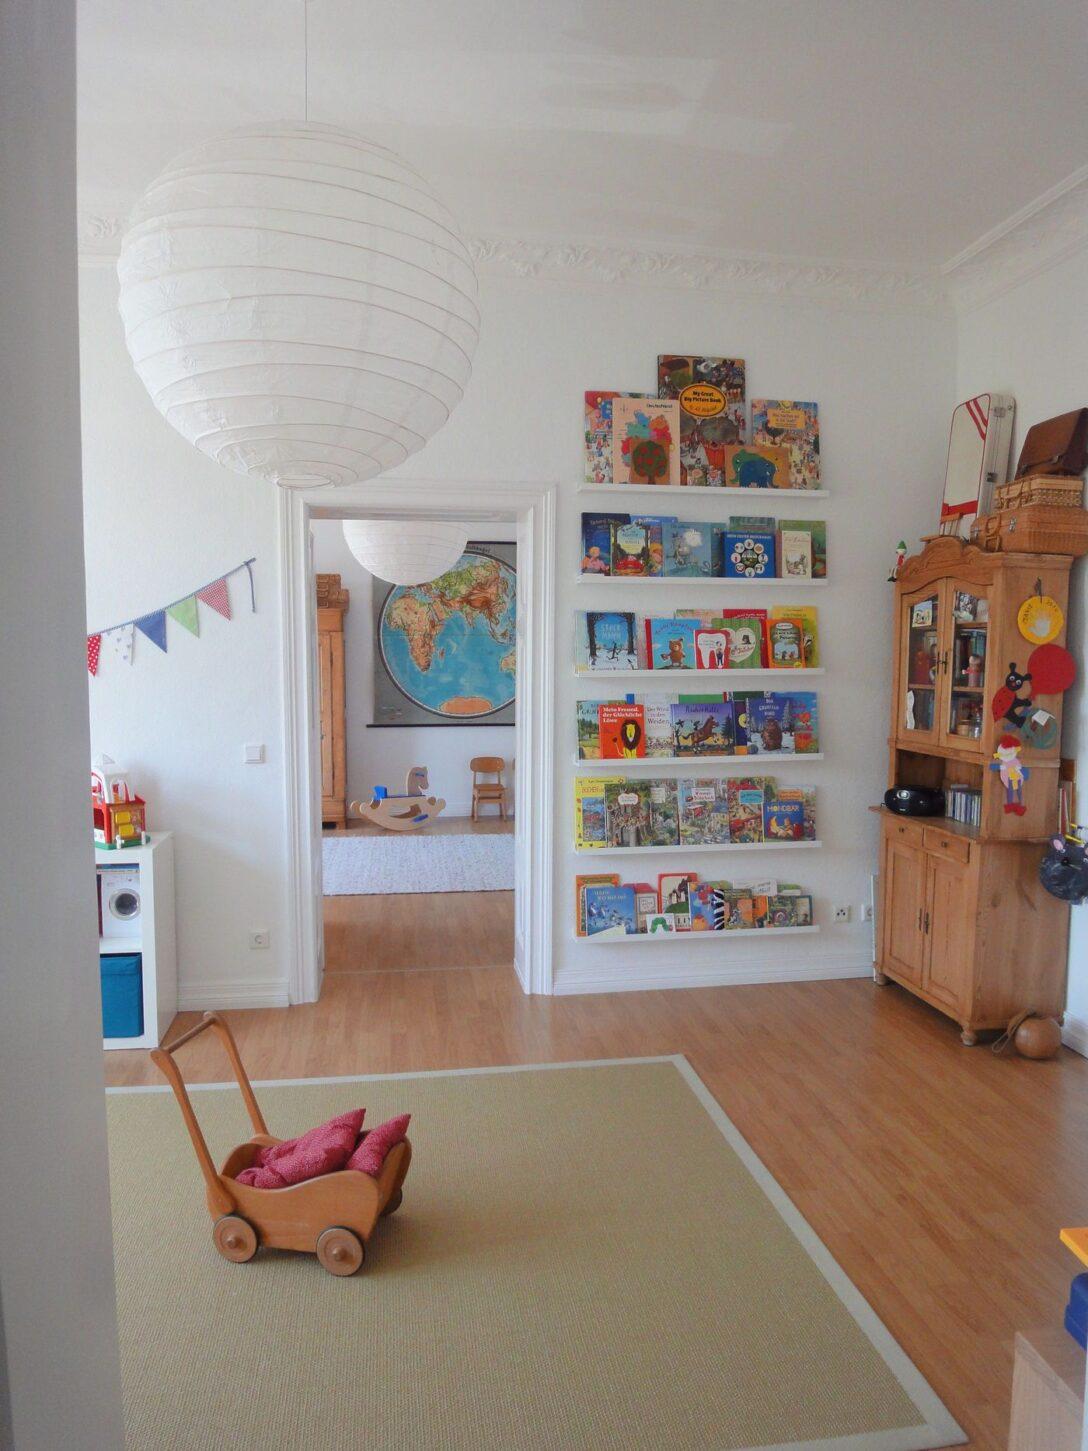 Large Size of Wandgestaltung Kinderzimmer Jungen Regal Weiß Sofa Regale Wohnzimmer Wandgestaltung Kinderzimmer Jungen